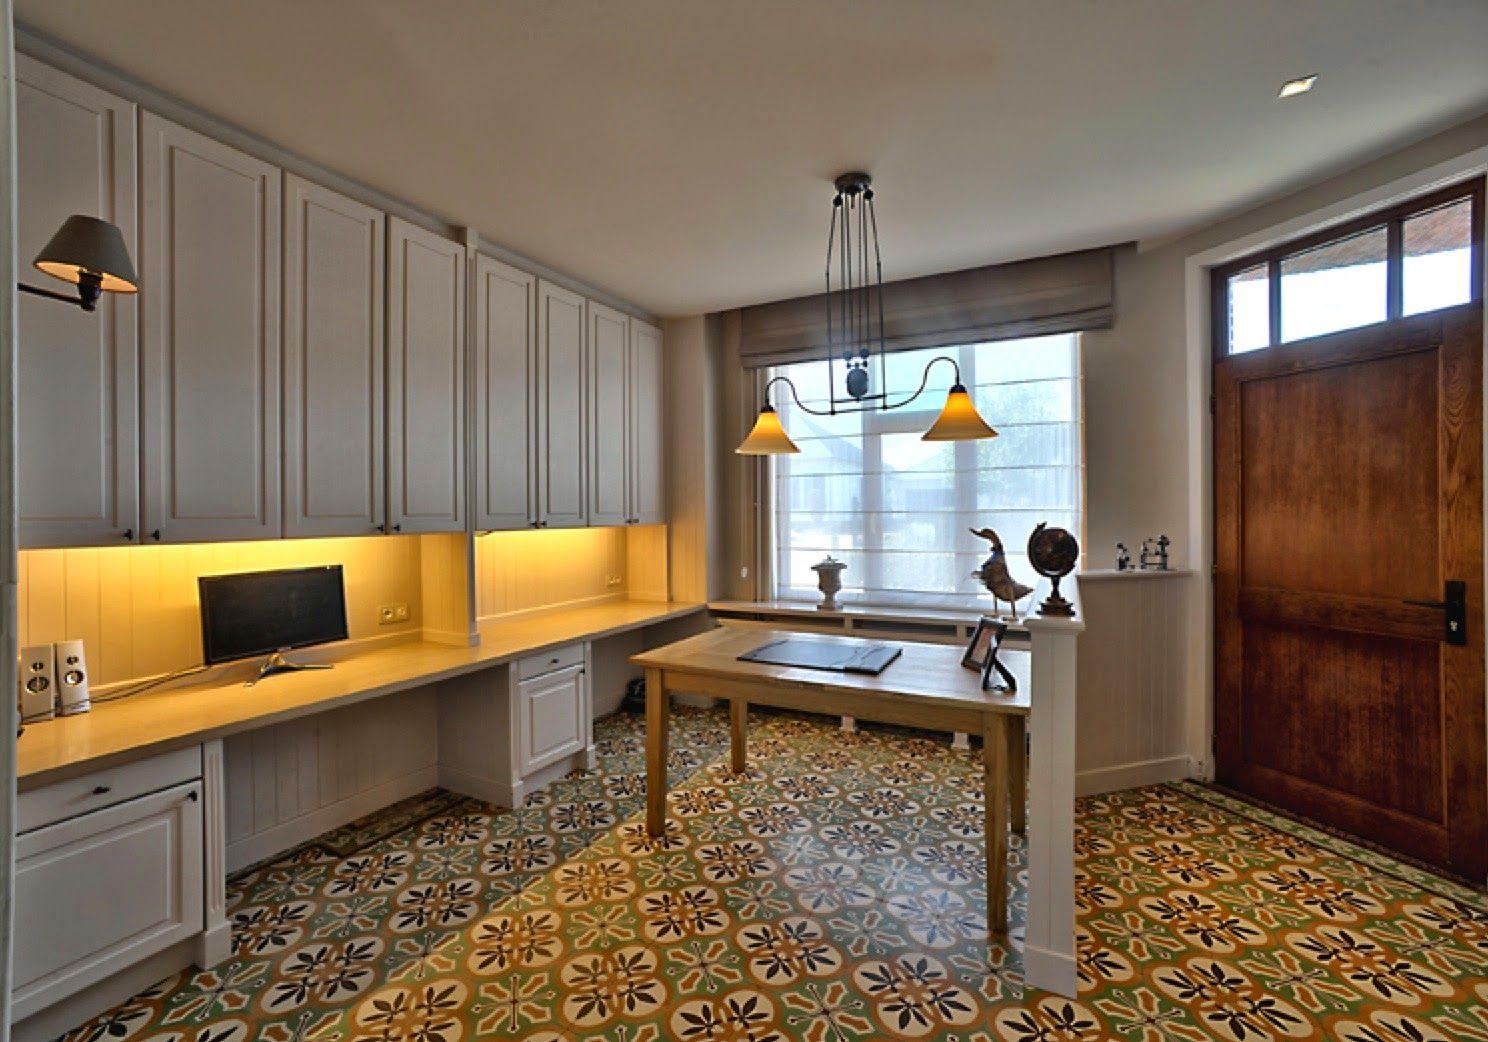 7x Klassiek Interieur : Realisatie interieur klassiek kantoor interieurbouw claesen